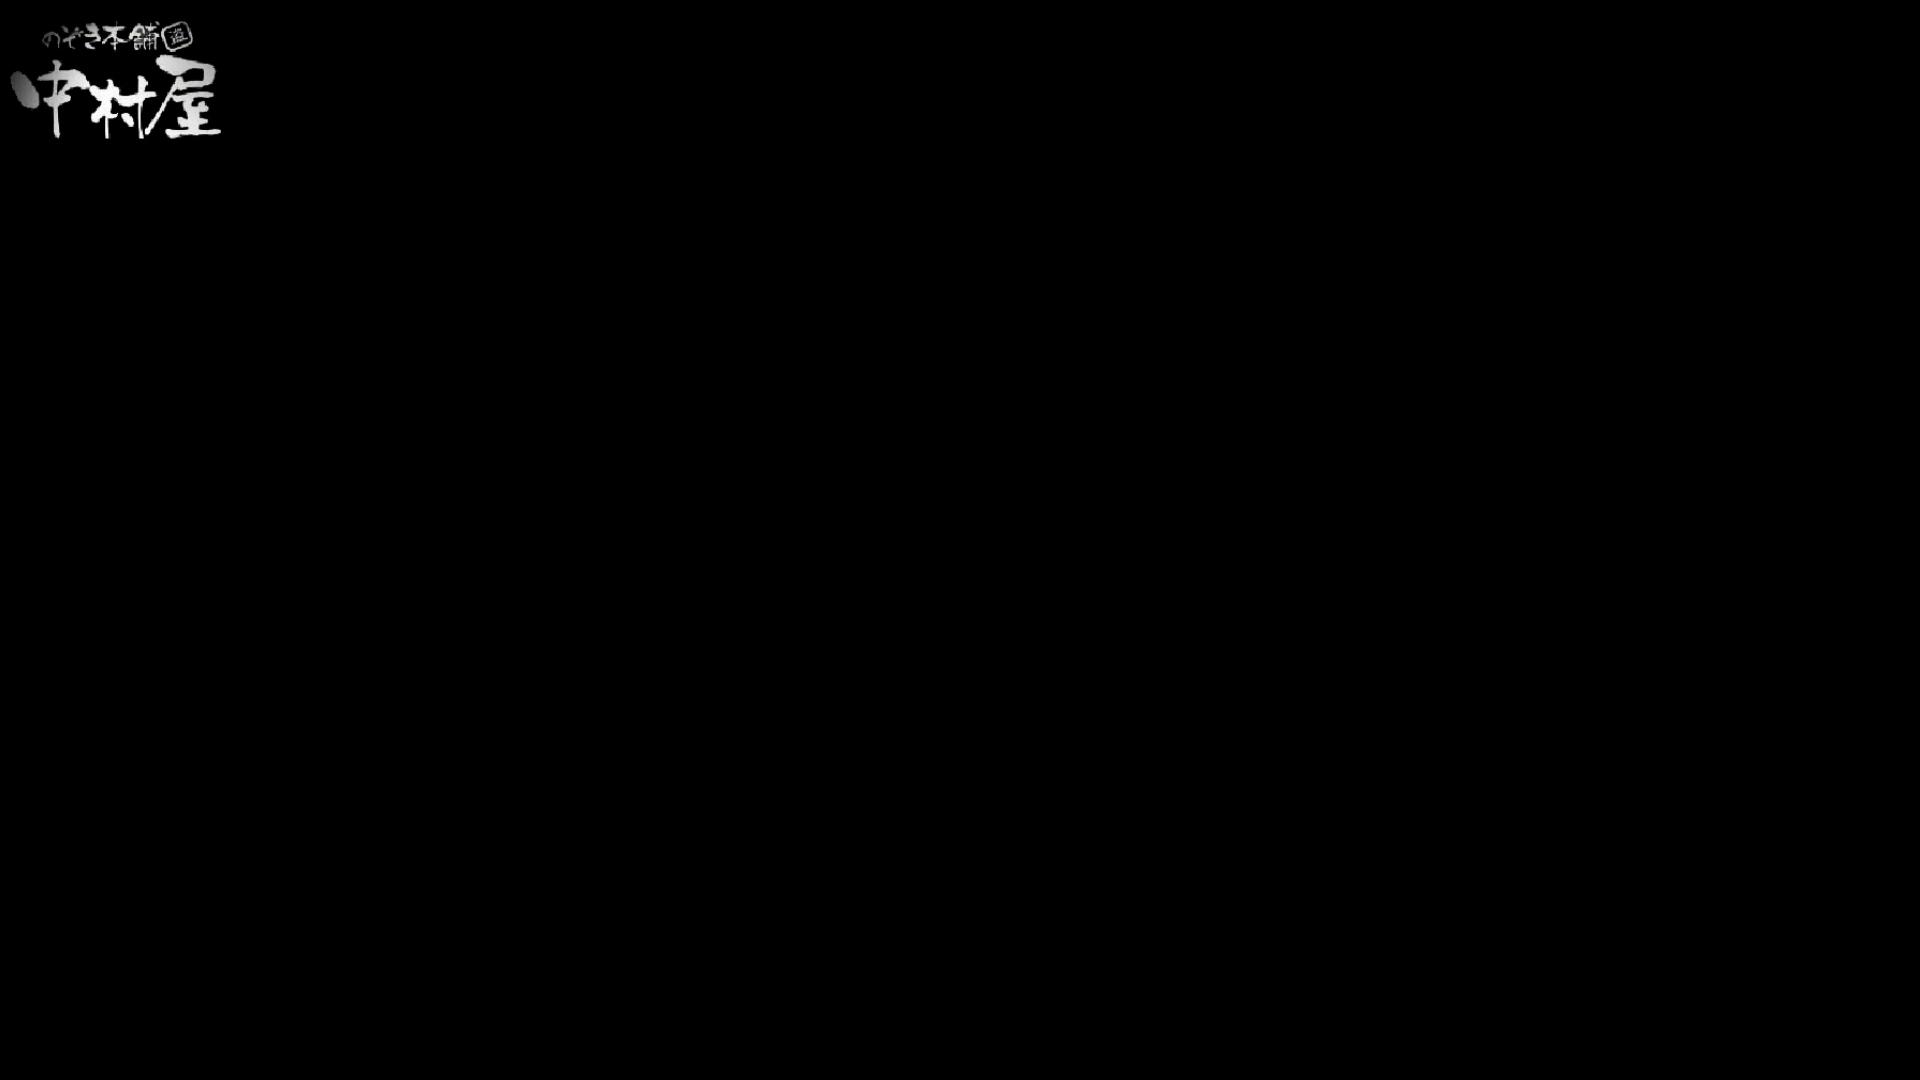 雅さんが厳選新年特別コンテンツ!激走!東京マラソン選手専用女子トイレvol.9 和式 | トイレ  57PICs 55